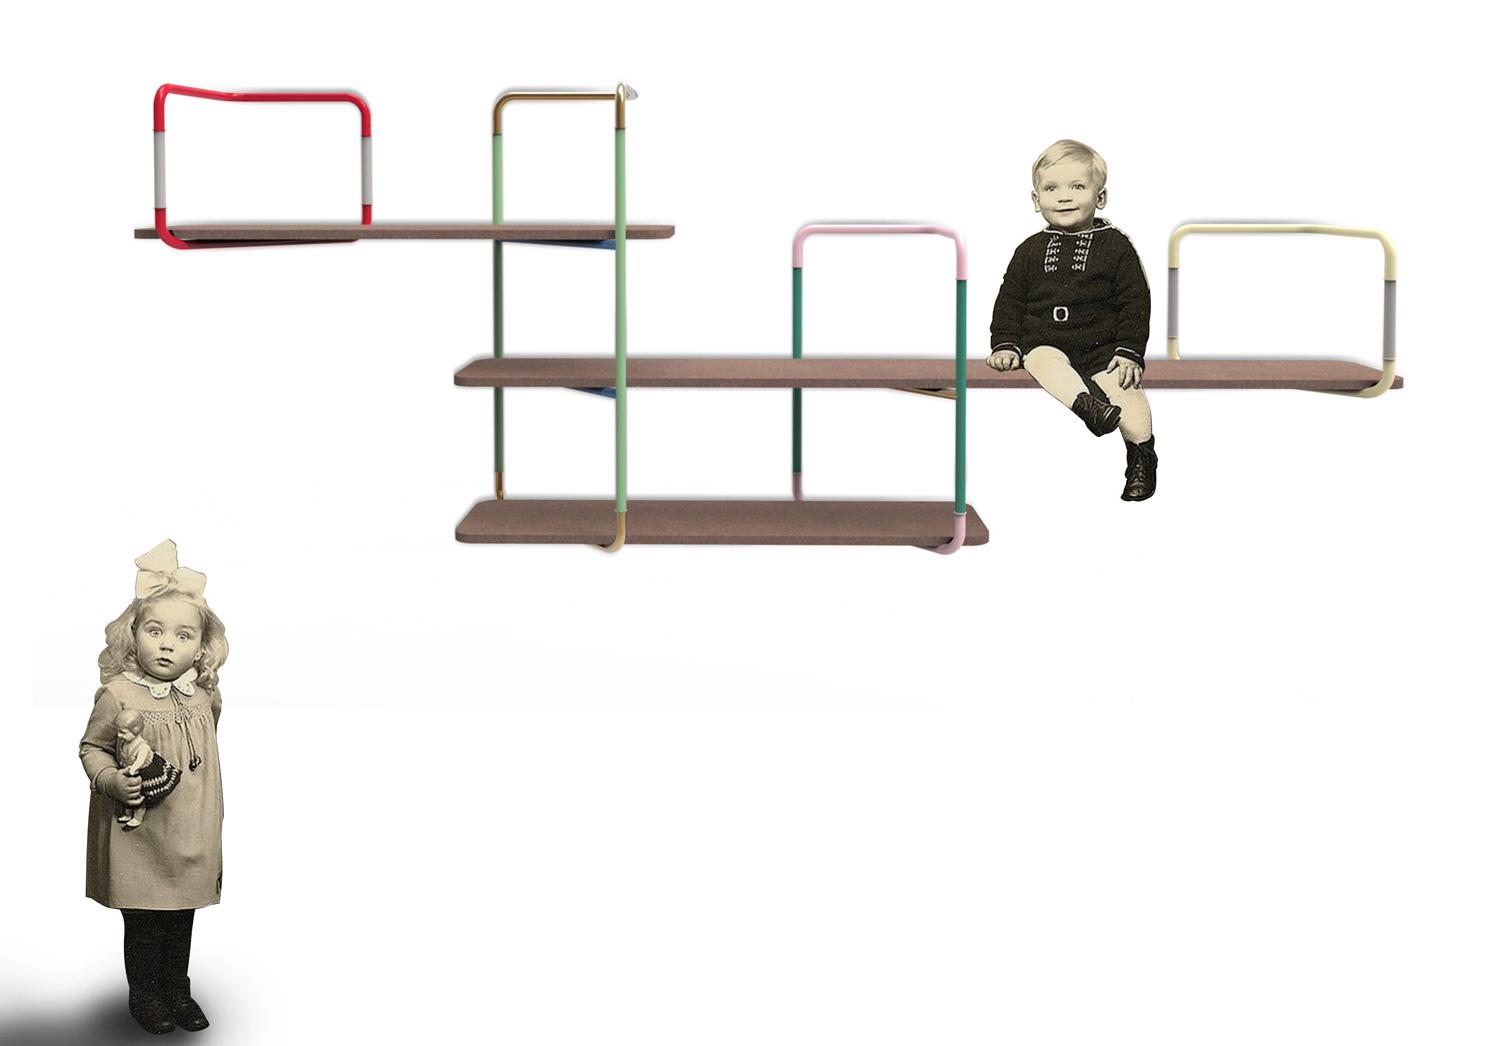 Cose-Da-Bocia-Kids-Furniture-by-Andrea-Marcante-and-Adelaide-Testa-of-Uda-Architetti-Yellowtrace-010